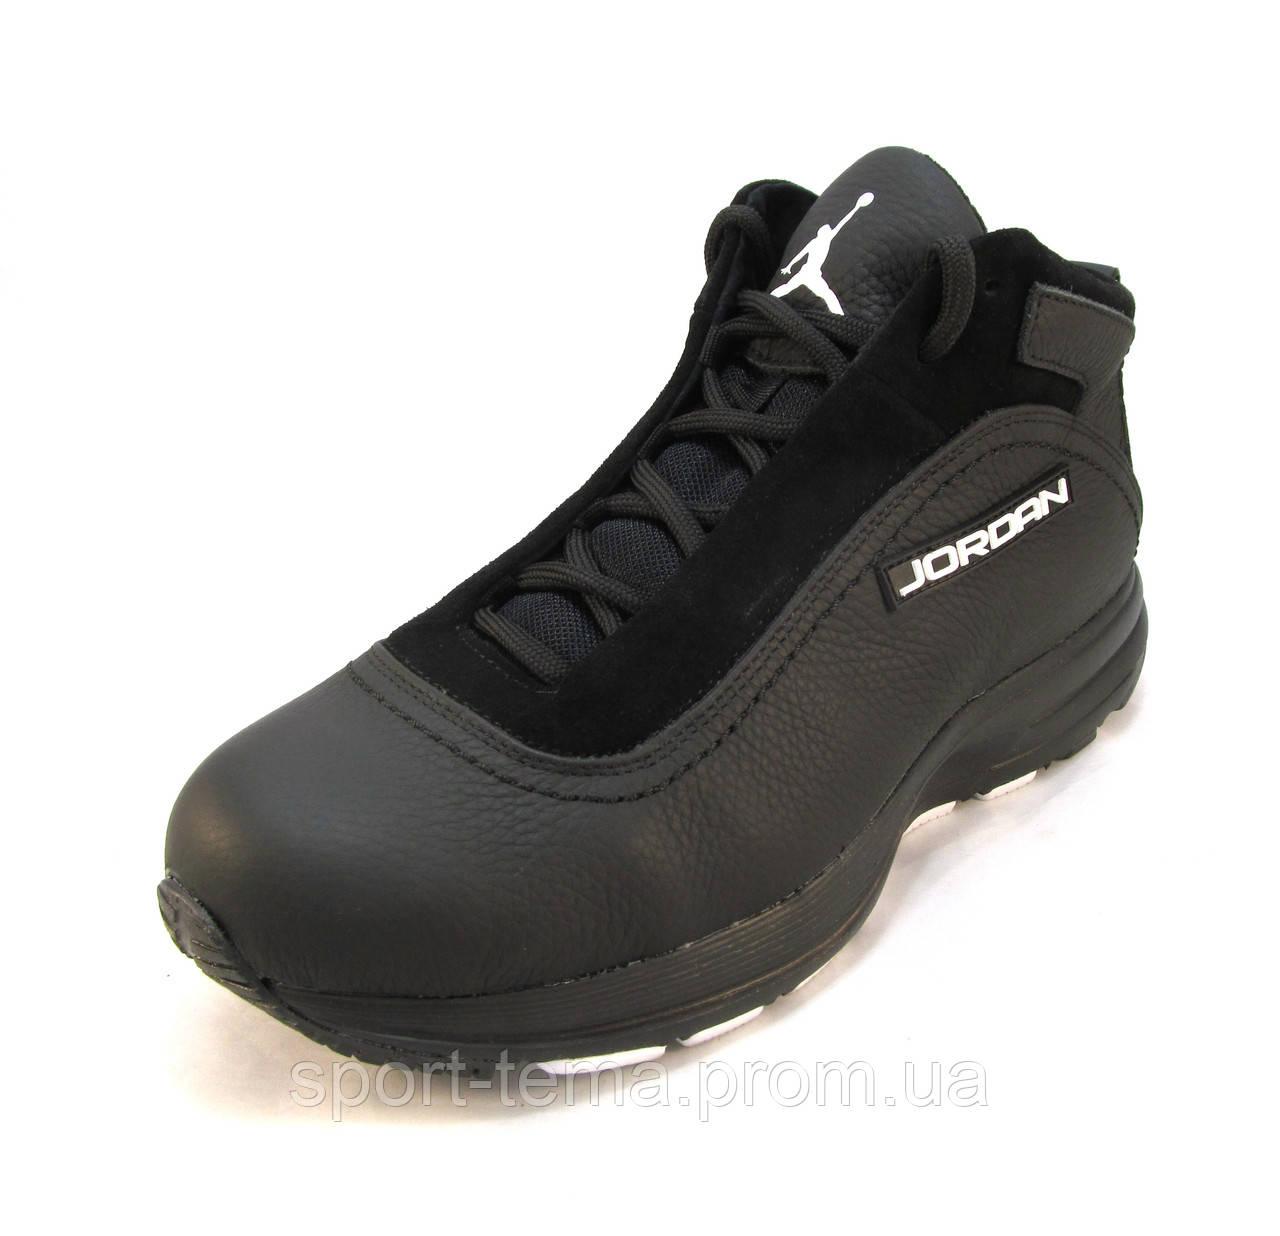 5ceadb4e Ботинки с мехом Jordan кожаные черные унисекс (р.: продажа, цена в ...